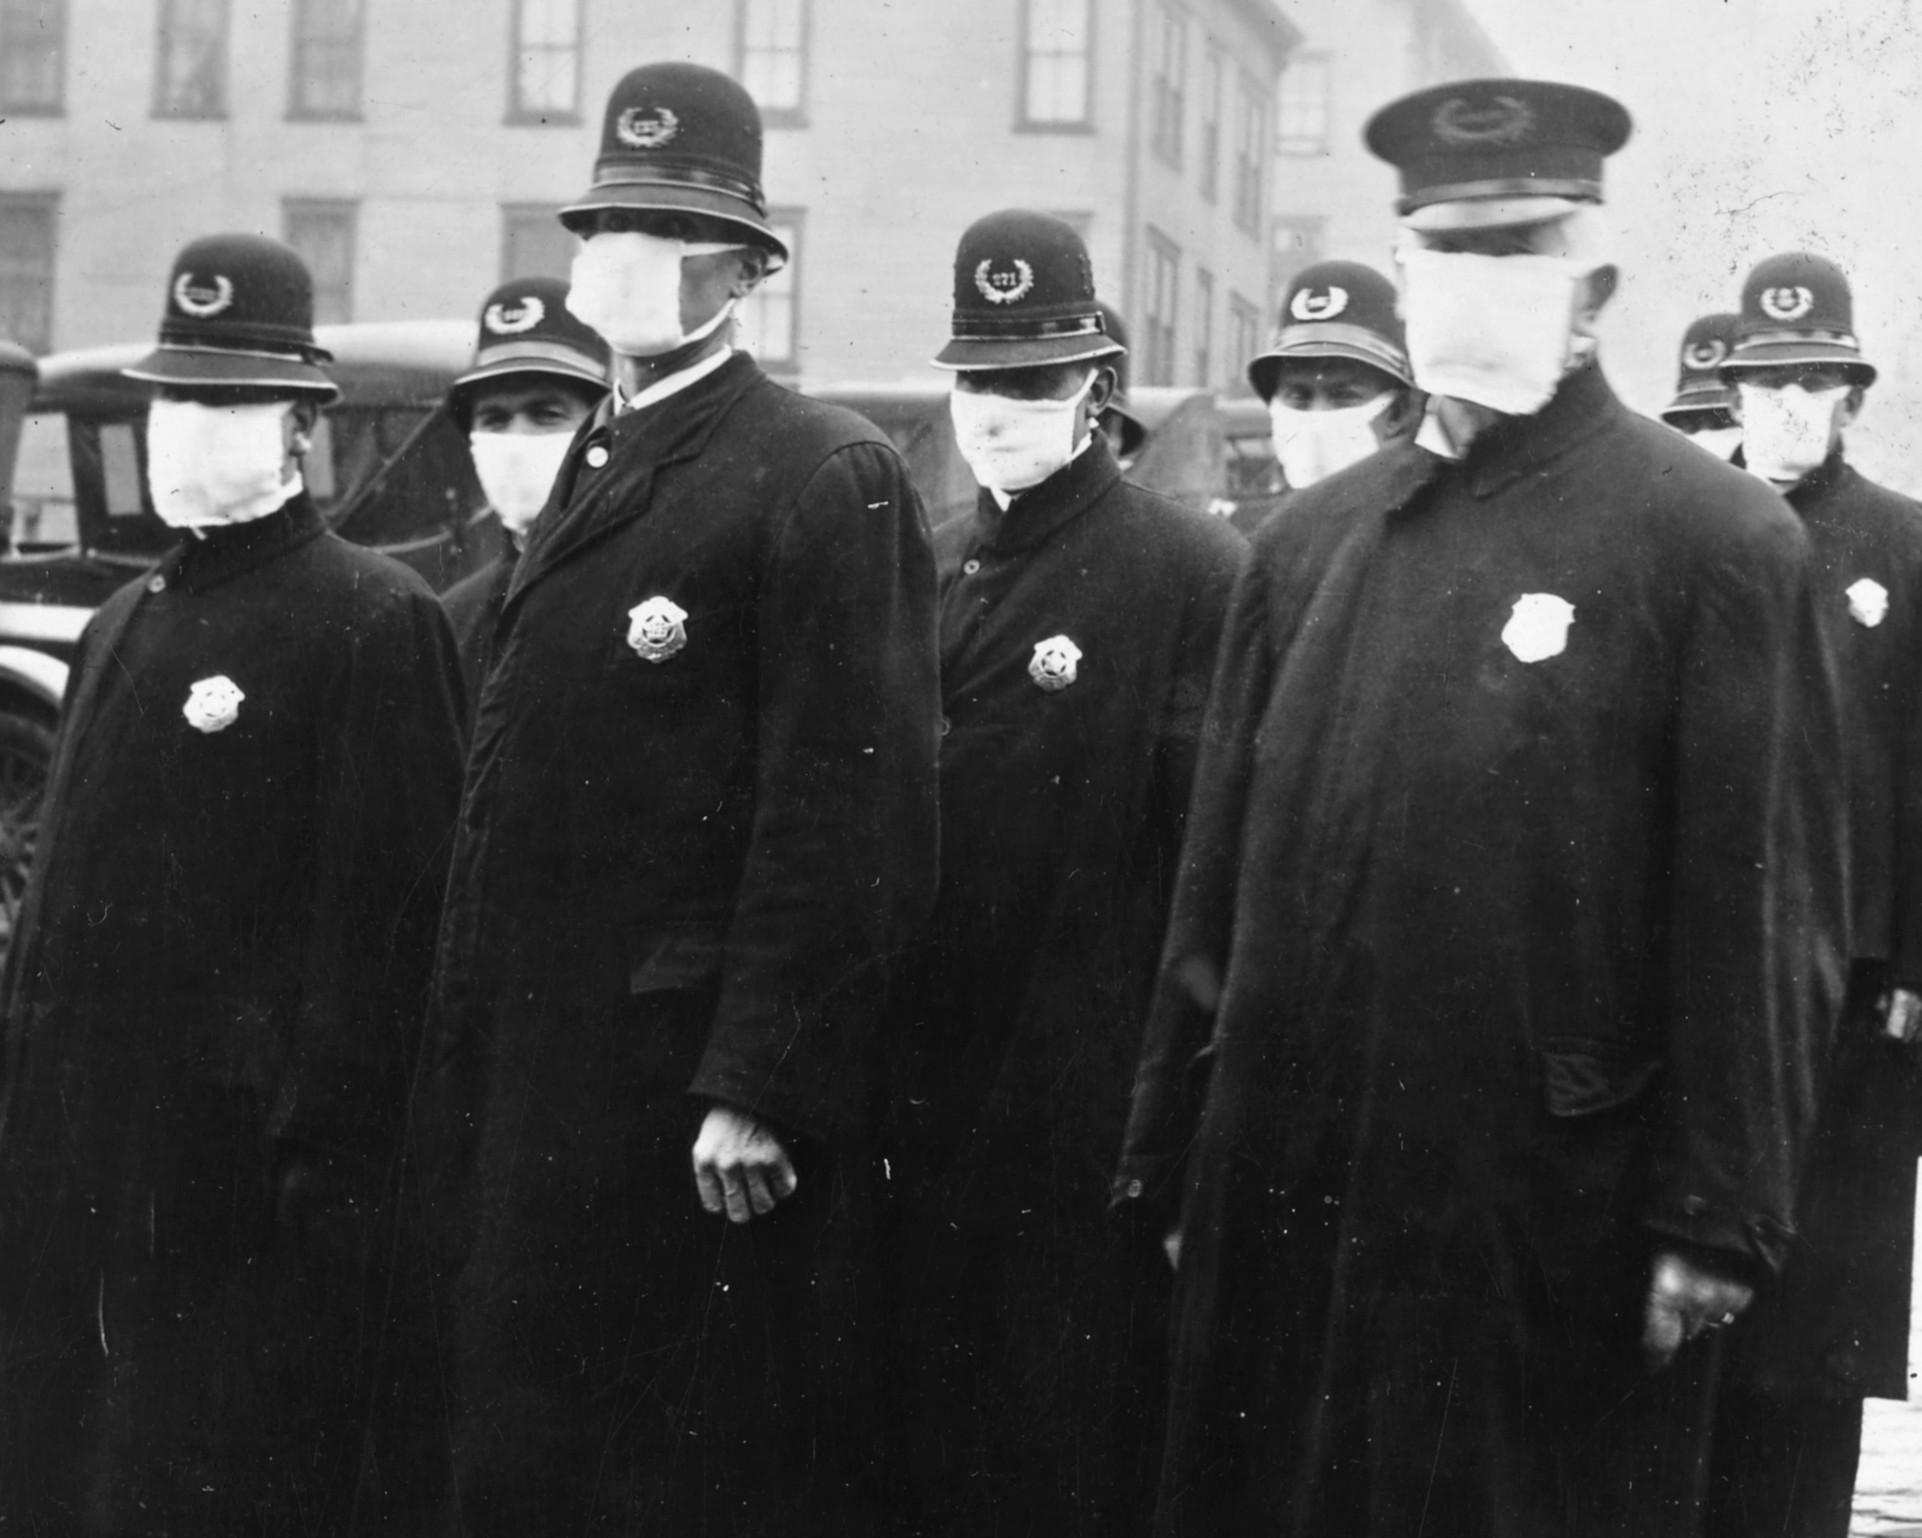 Policiais em Seattle, nos EUA, usam máscaras na época da gripe espanhola